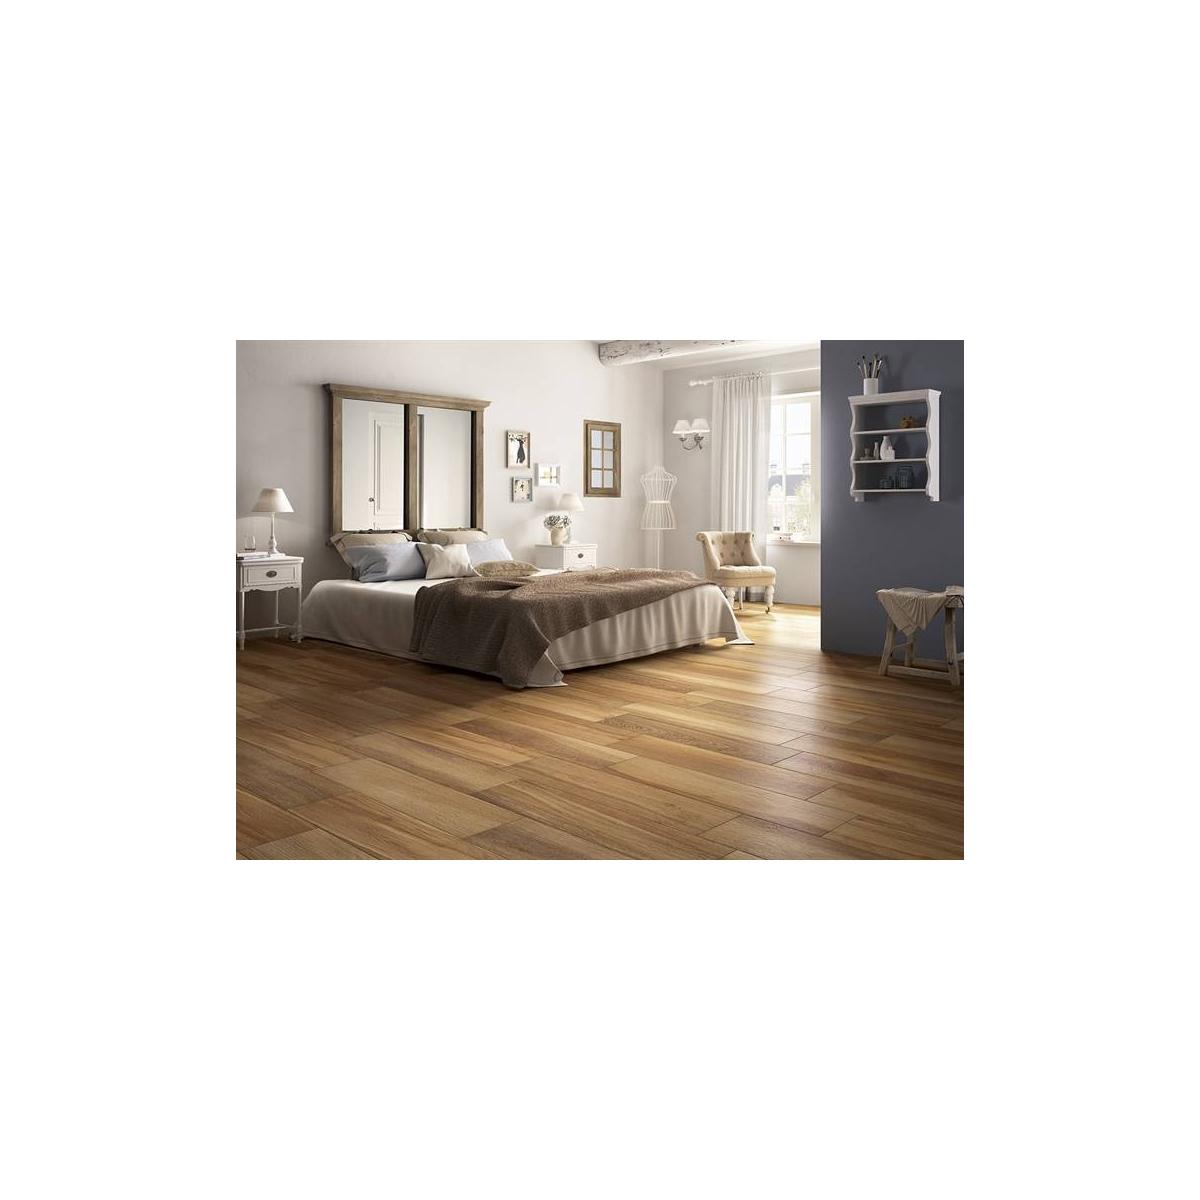 Mattonelle Simili Al Parquet pavimento in grande formato allungato colore caldo effetto legno